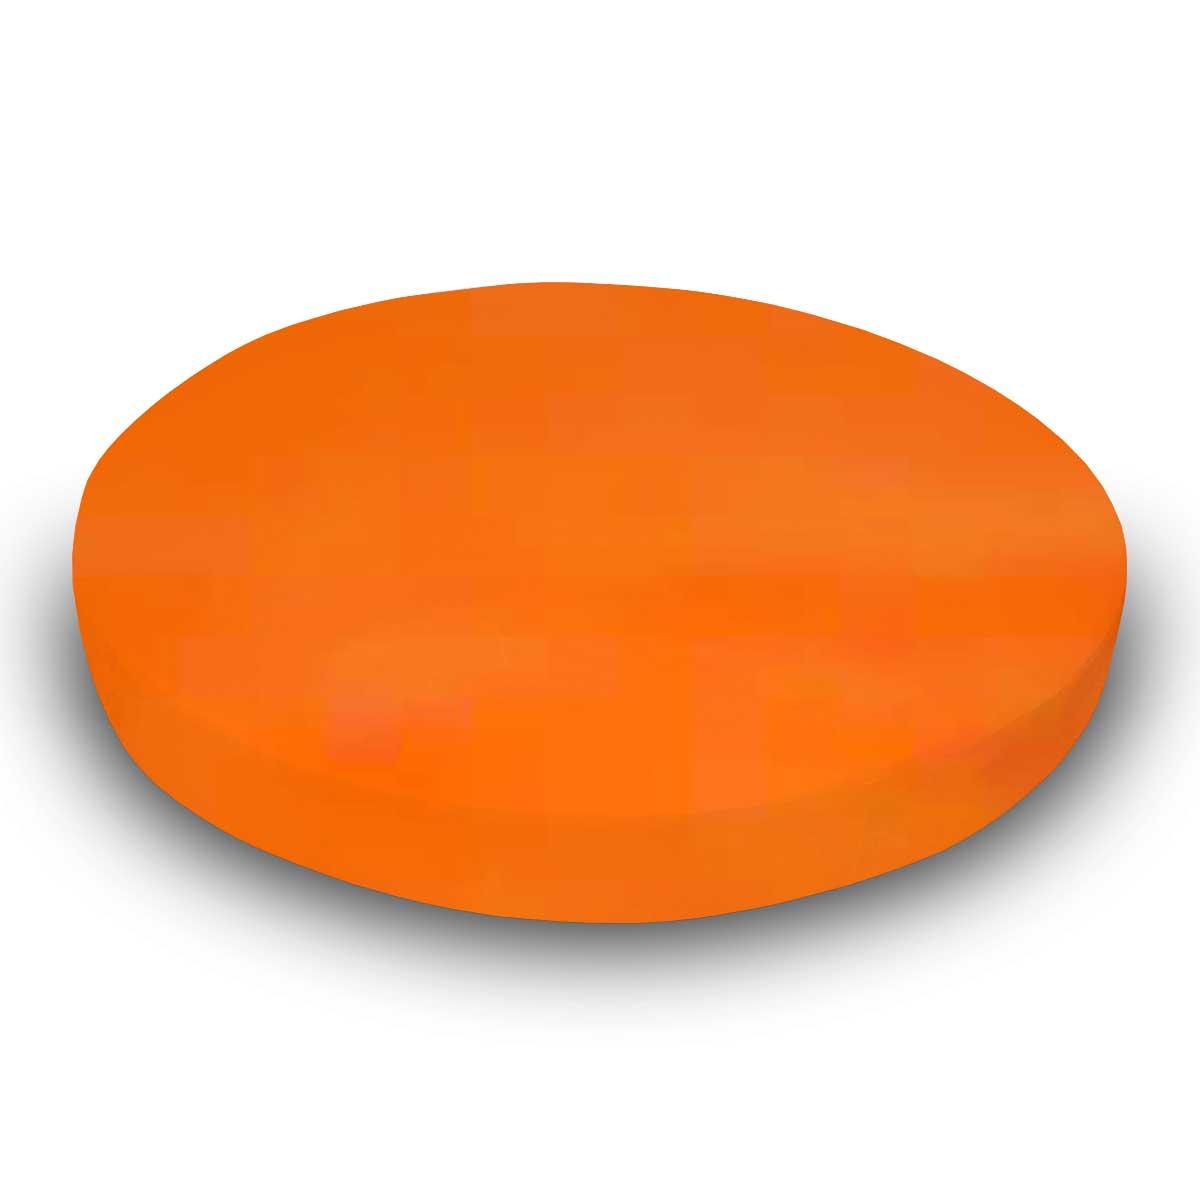 Flannel - Orange